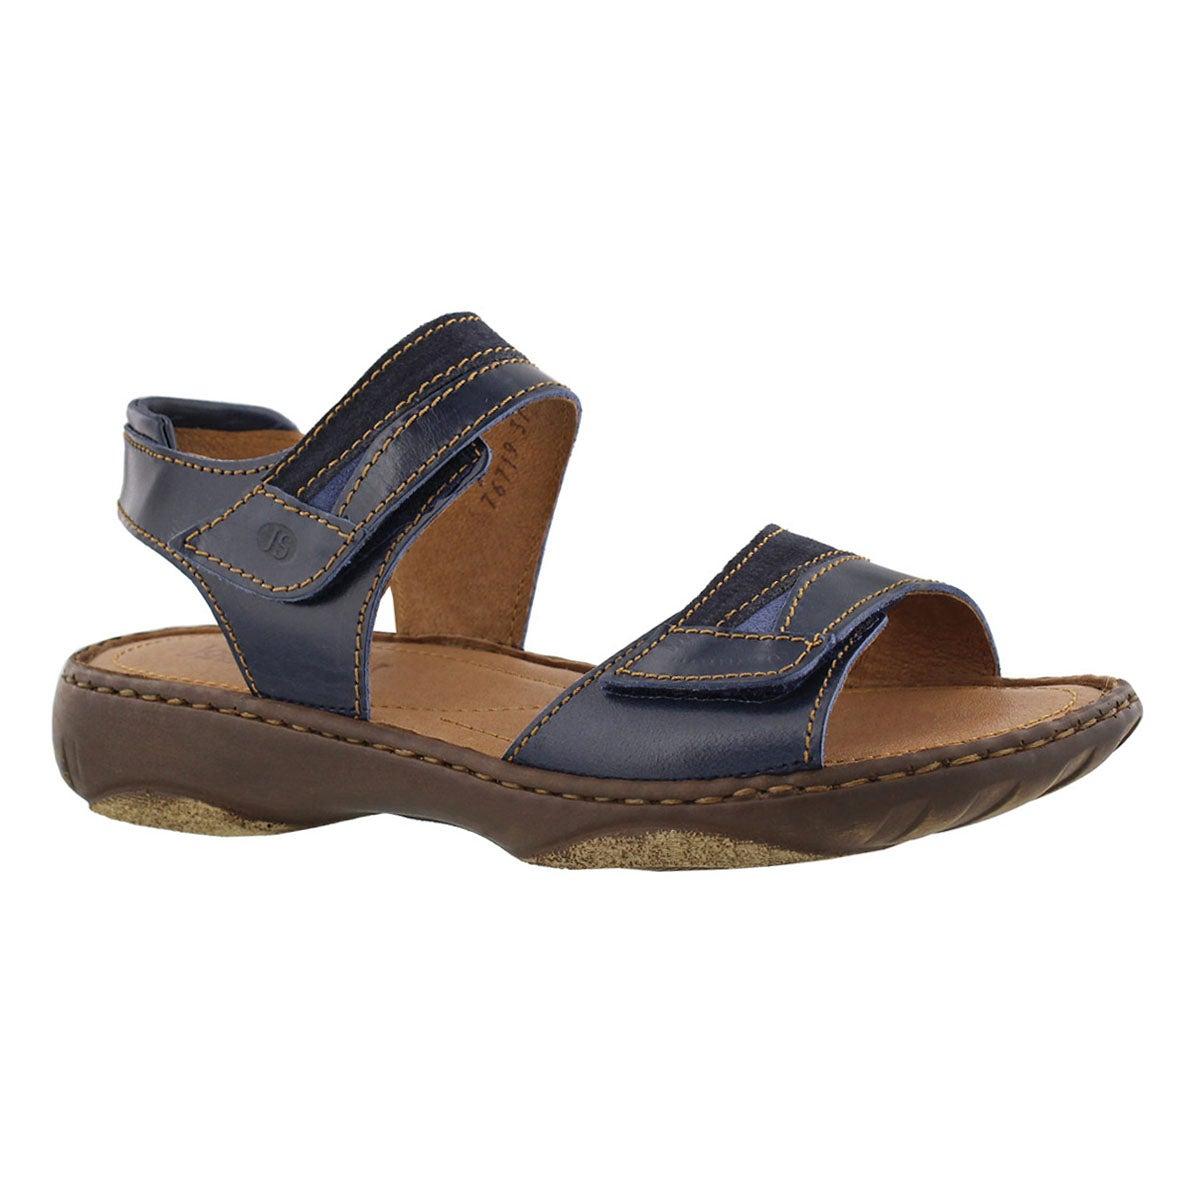 Lds Debra 19 denim casual 2 strap sandal